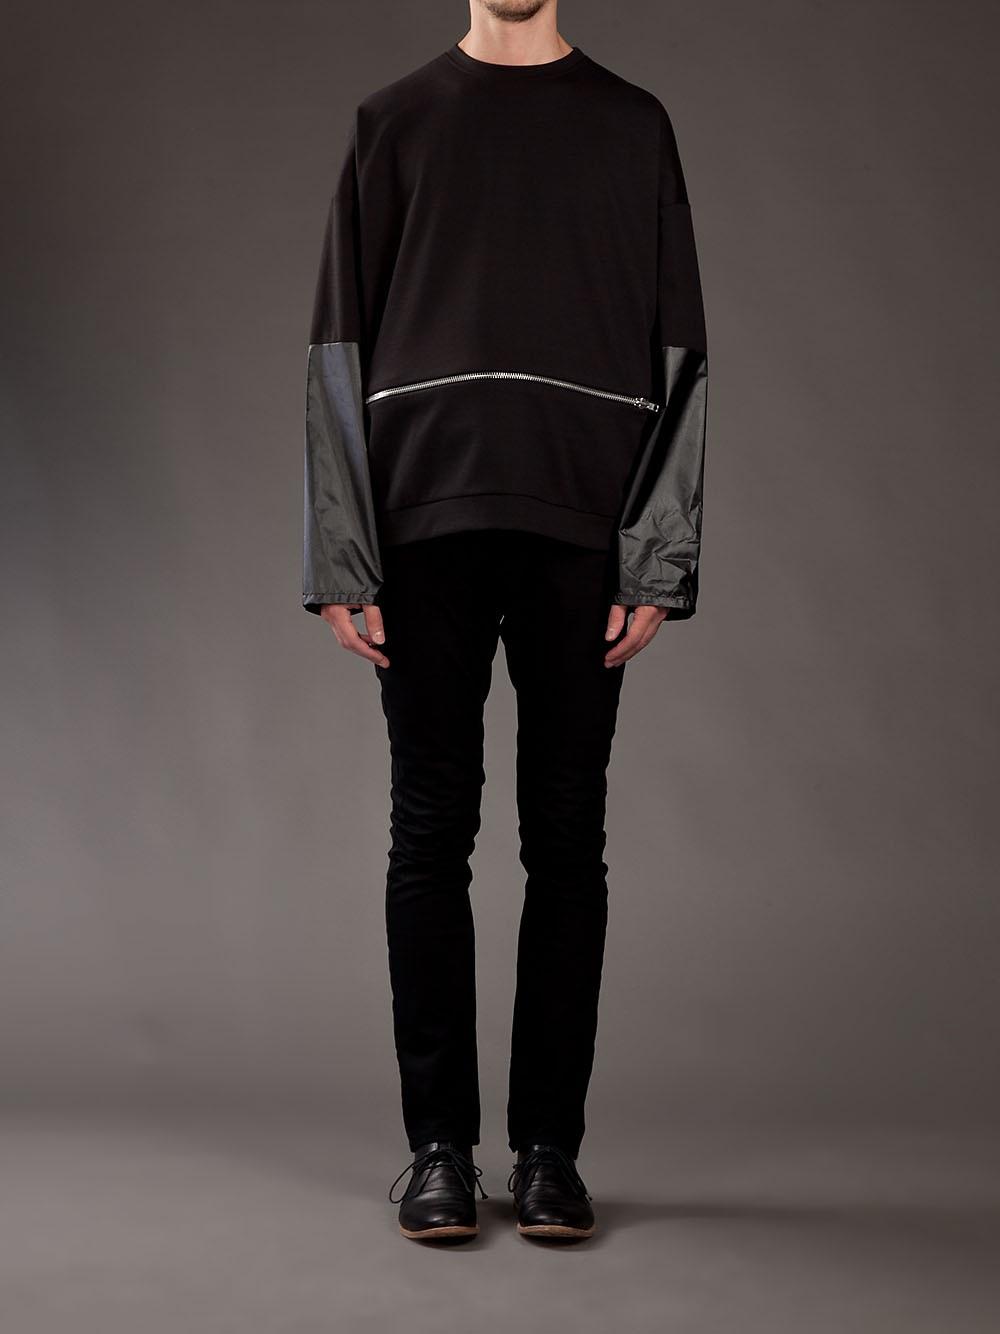 Berthold Extendable Zip Panel Sweater in Black for Men